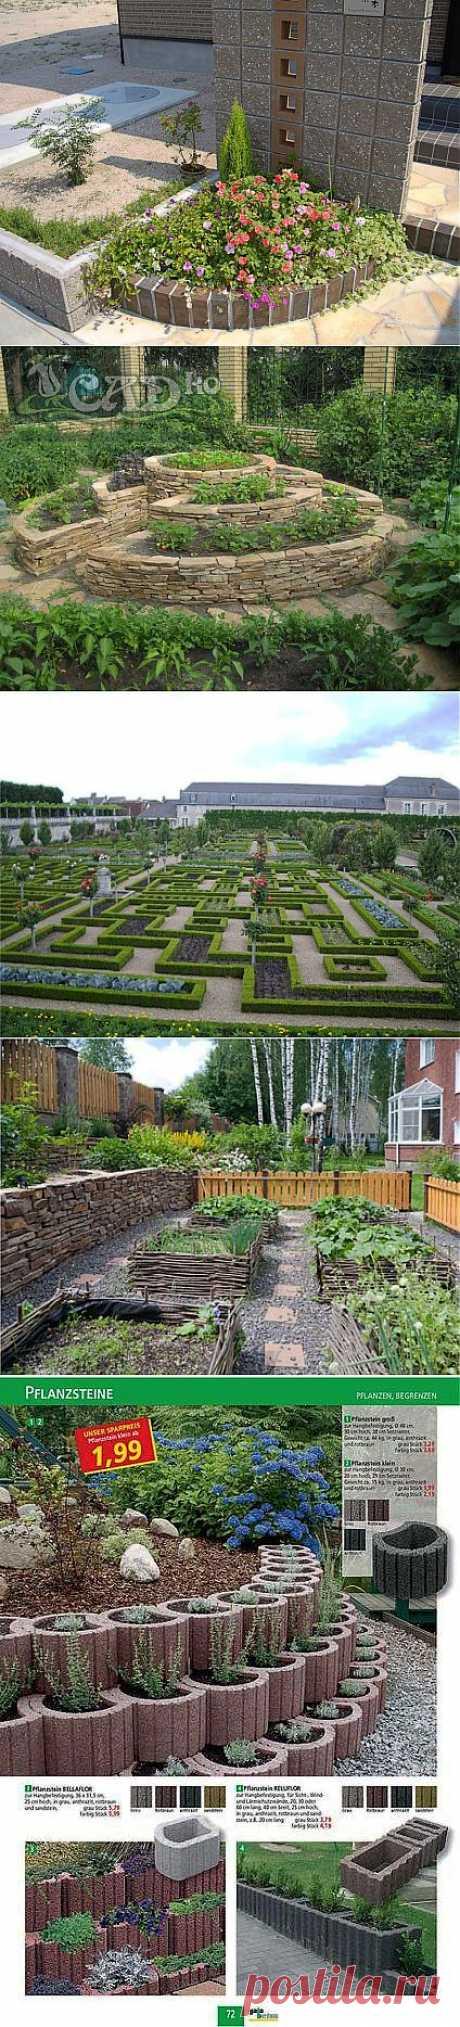 Декоративный огород. Оформляем грядки и клумбы | Умелые ручки